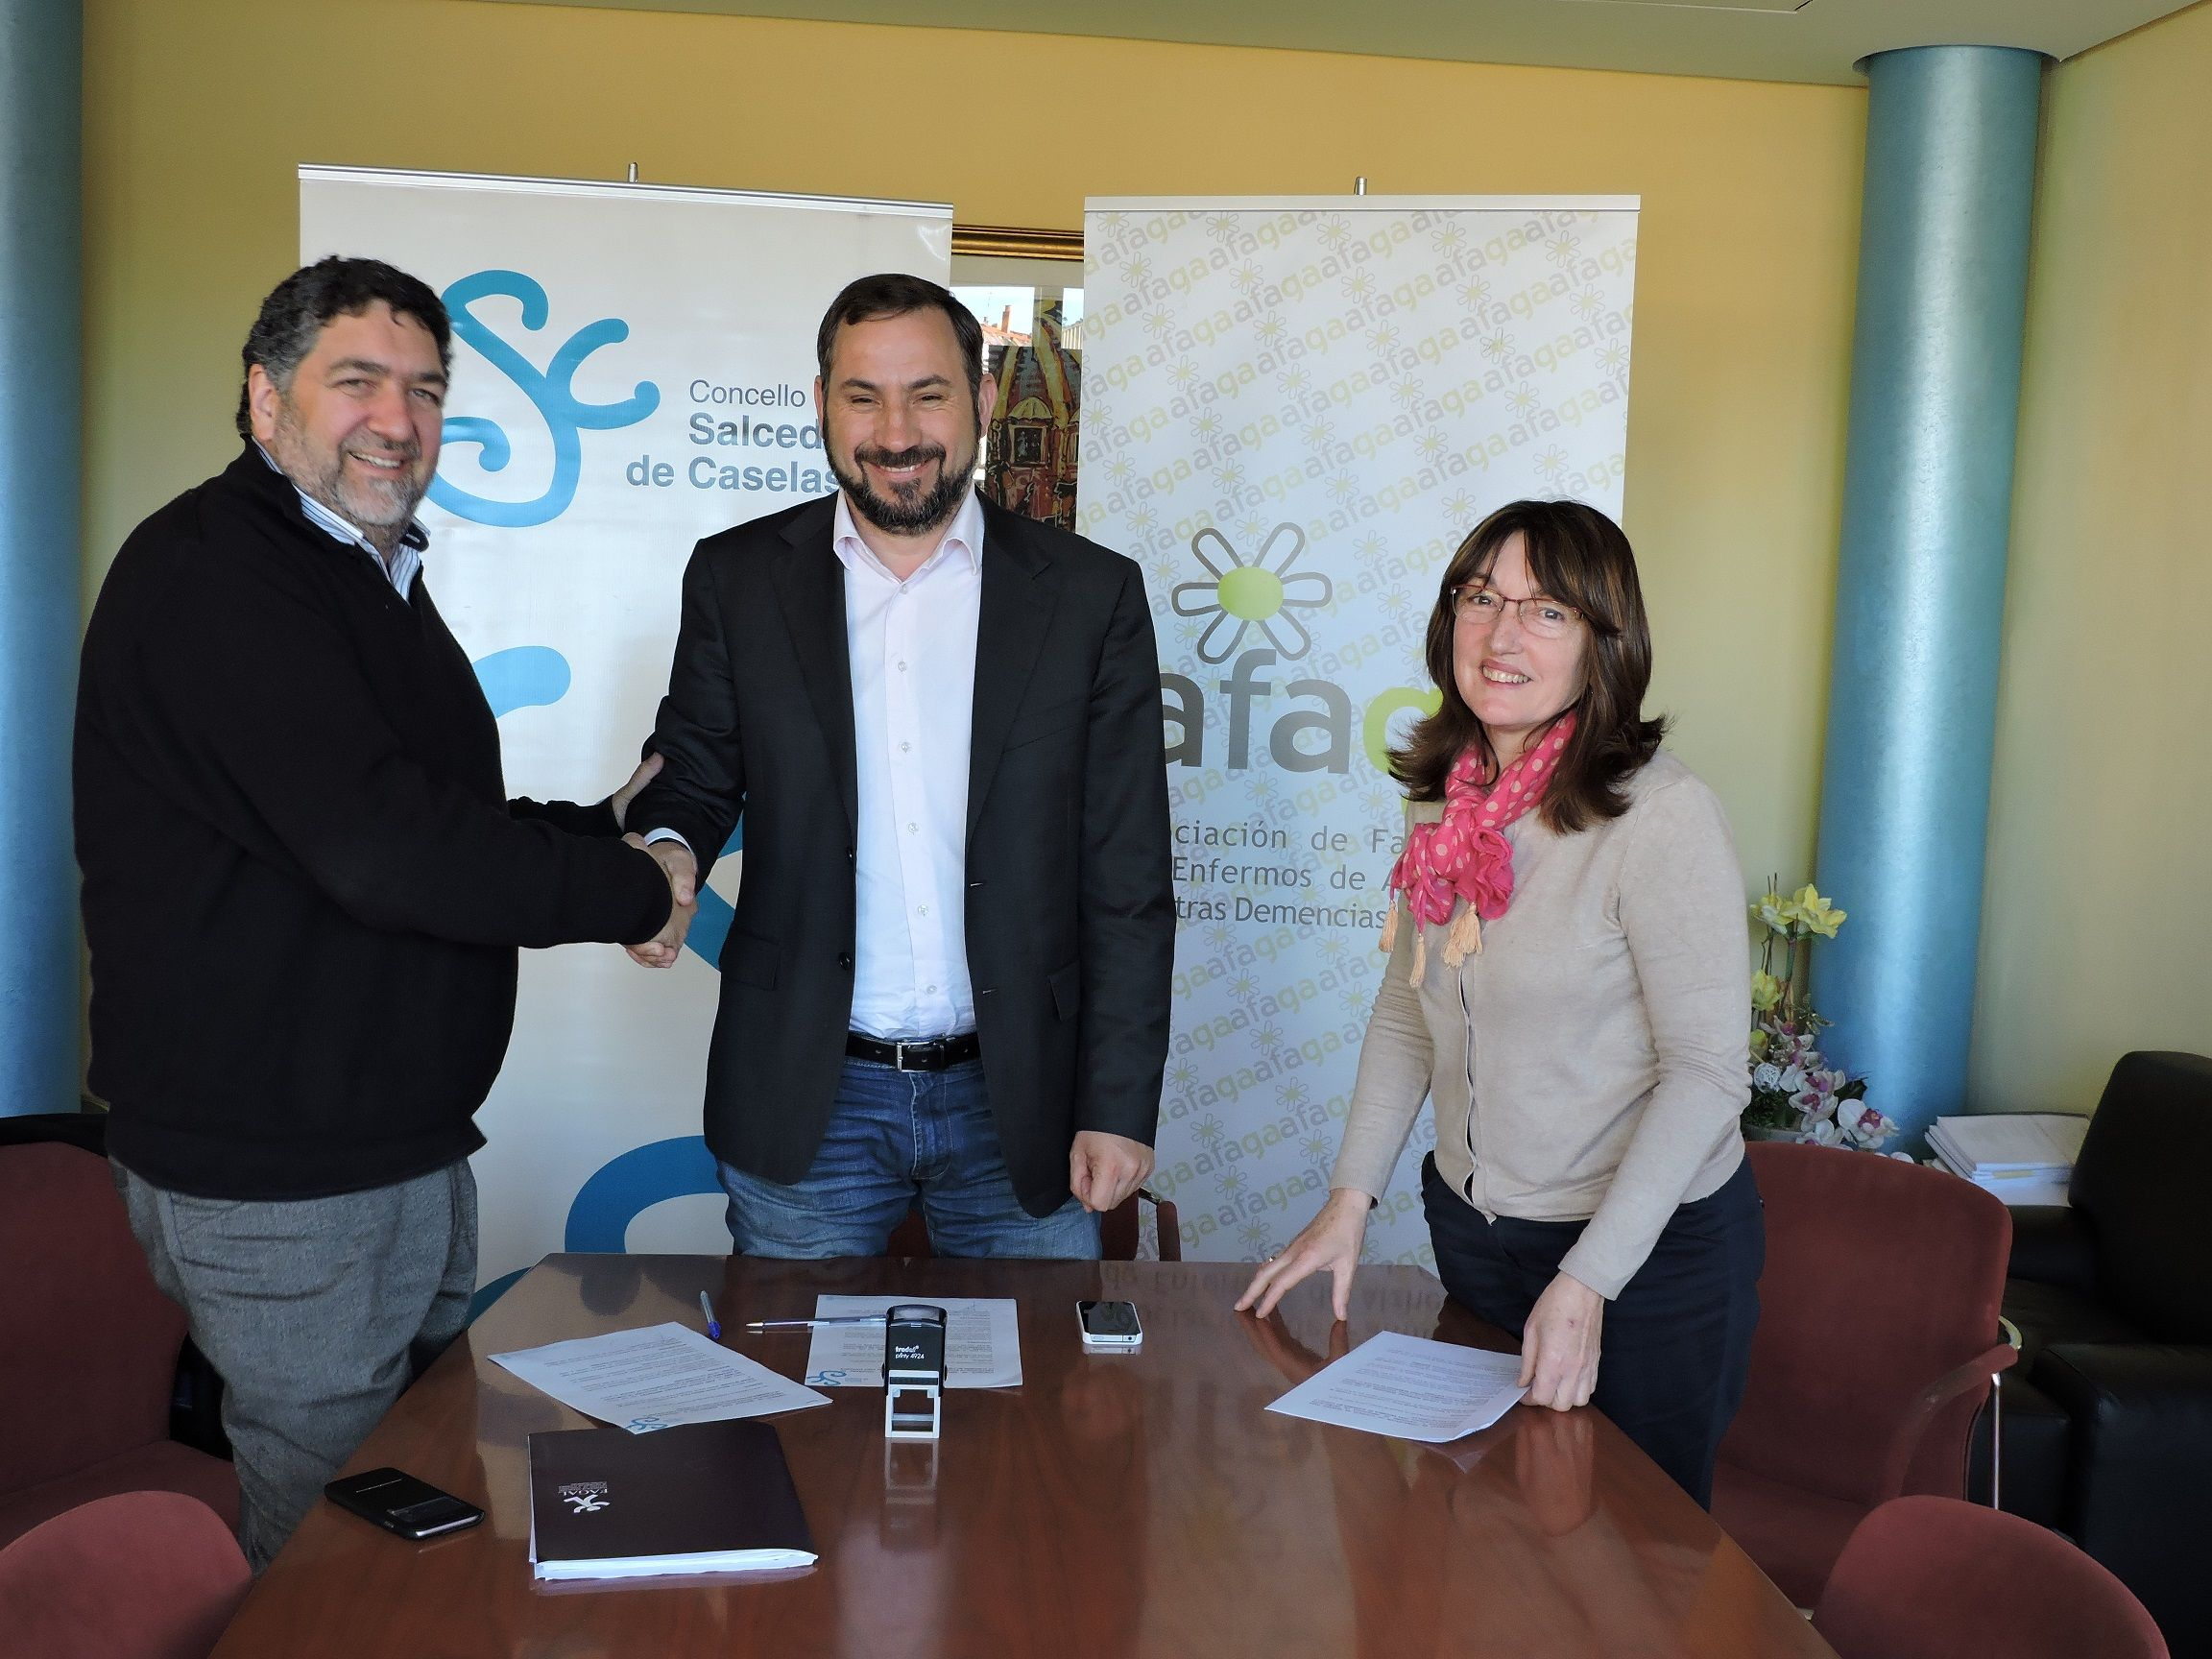 imagen firma acuerdo con Ayuntamiento de Salceda